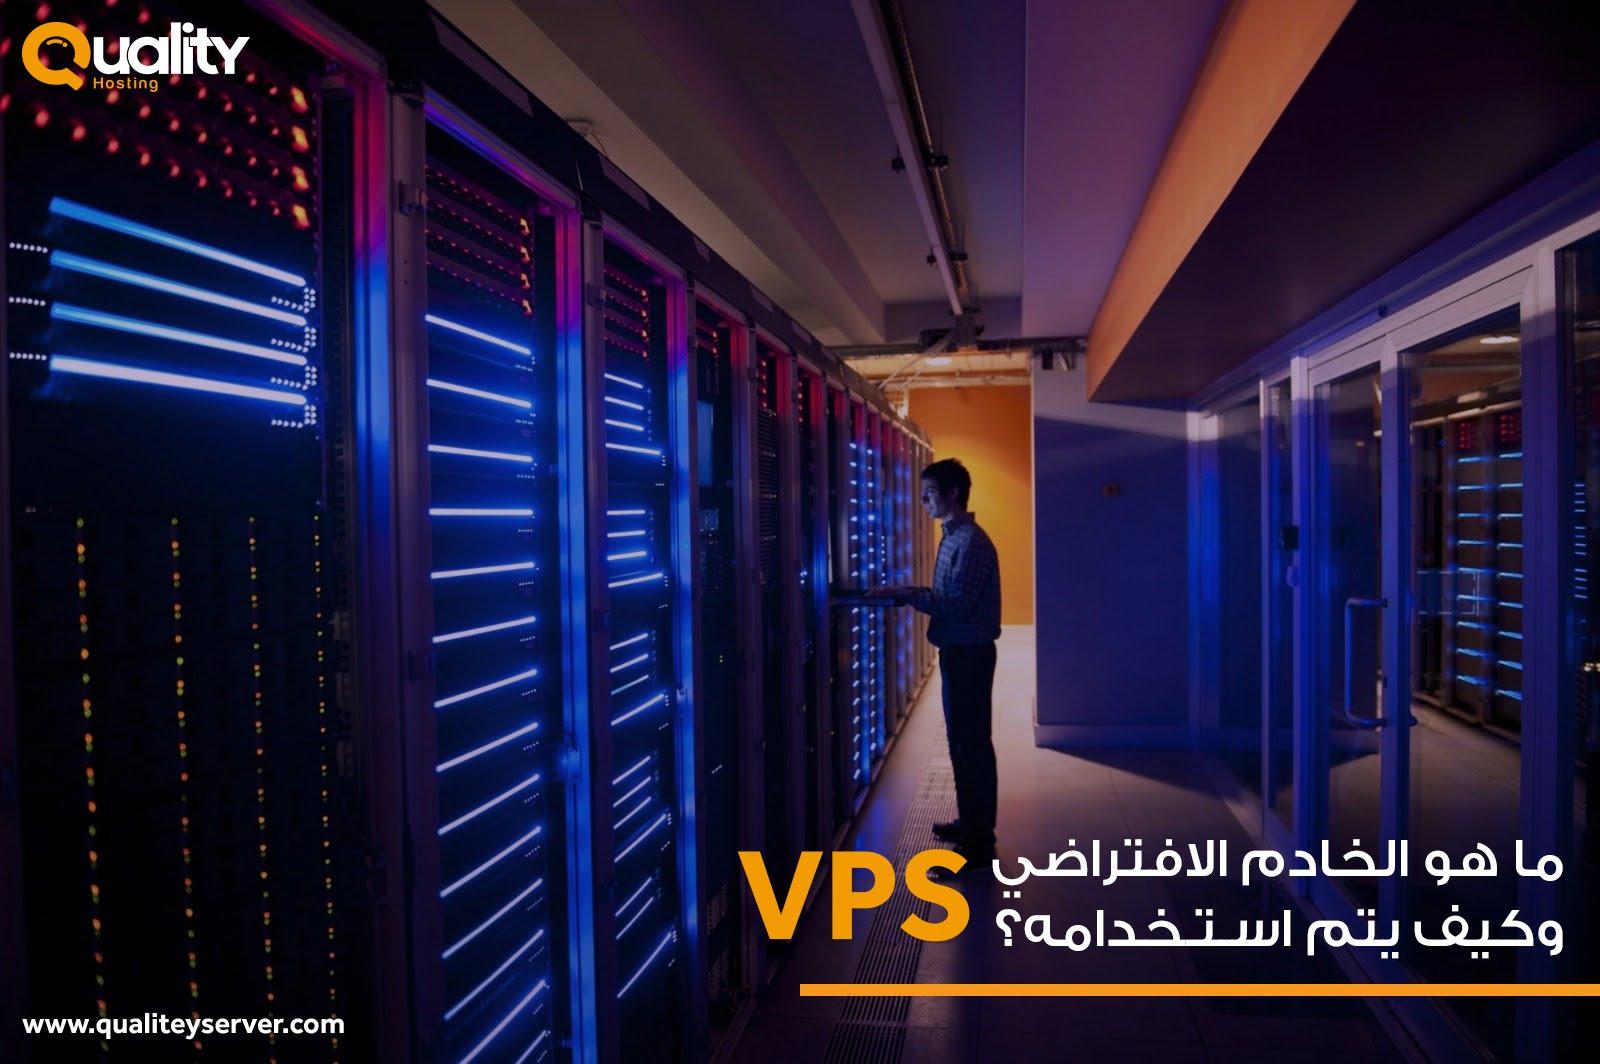 ما هو الخادم الافتراضي VPS وكيف يتم استخدامه؟